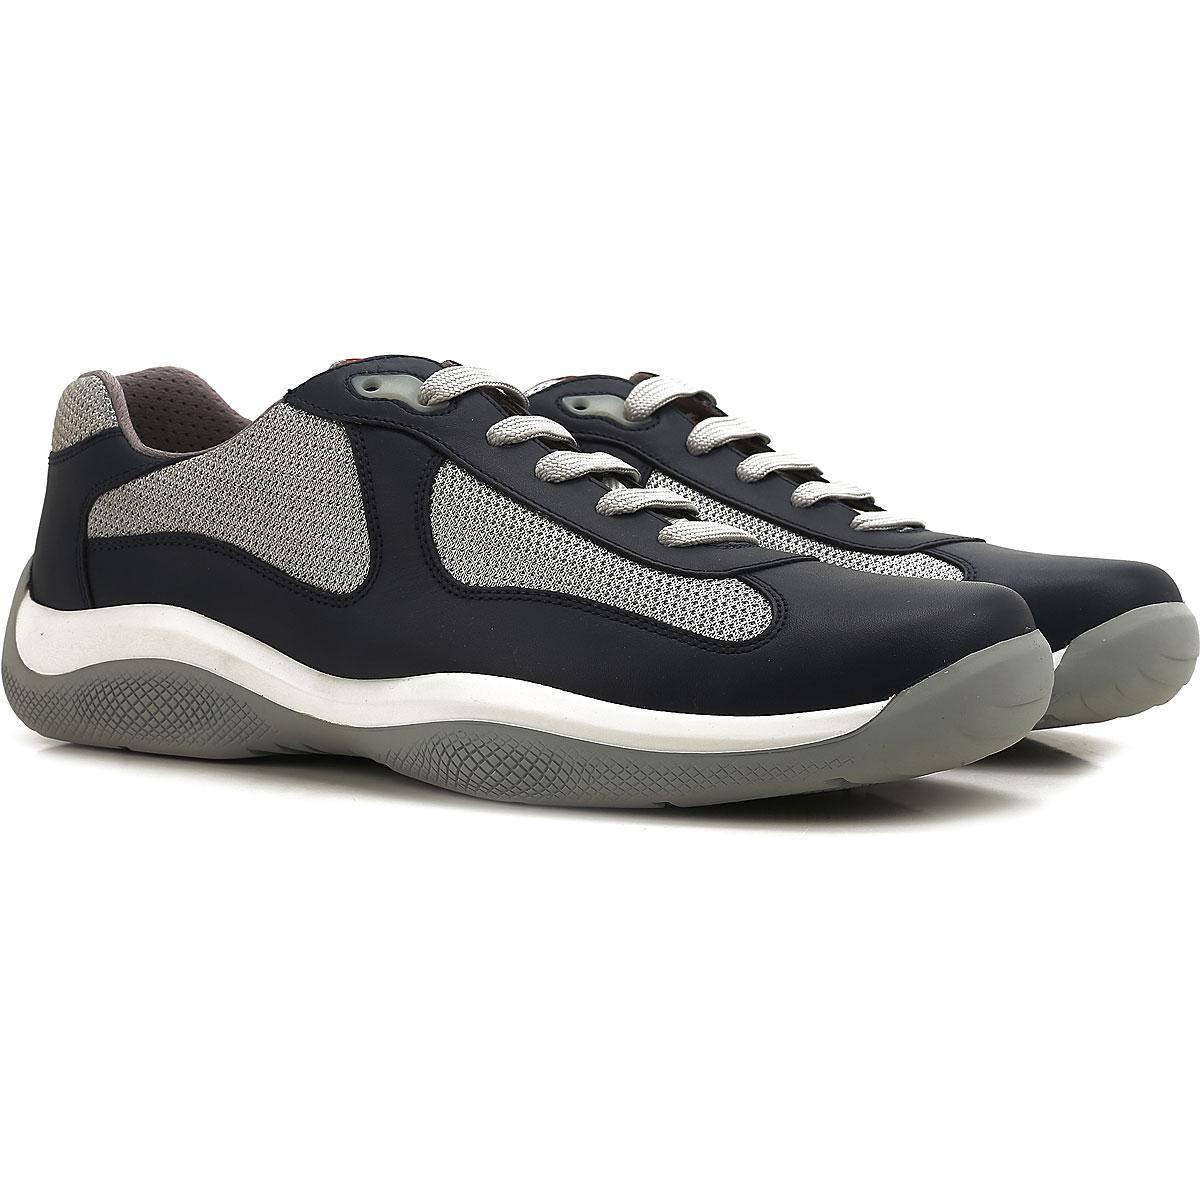 549ca0dee9113 Lyst - Prada Shoes For Men for Men